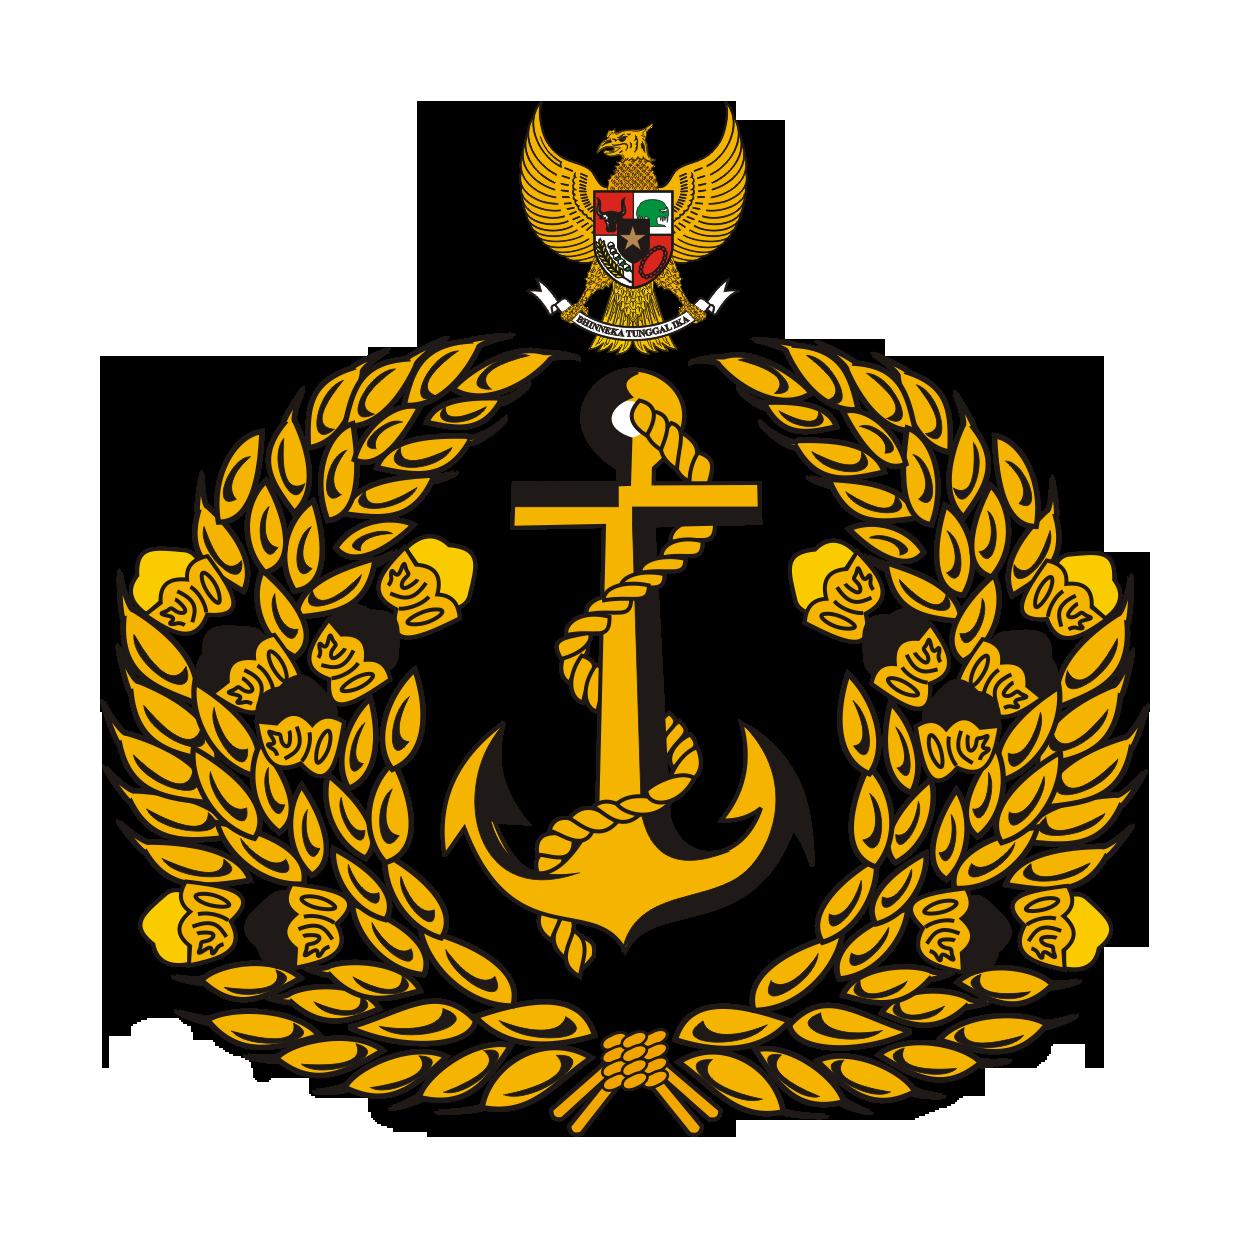 Logo TNI AL (Tentara Negara Indonesia Angkatan Laut) Tampa Semboyan